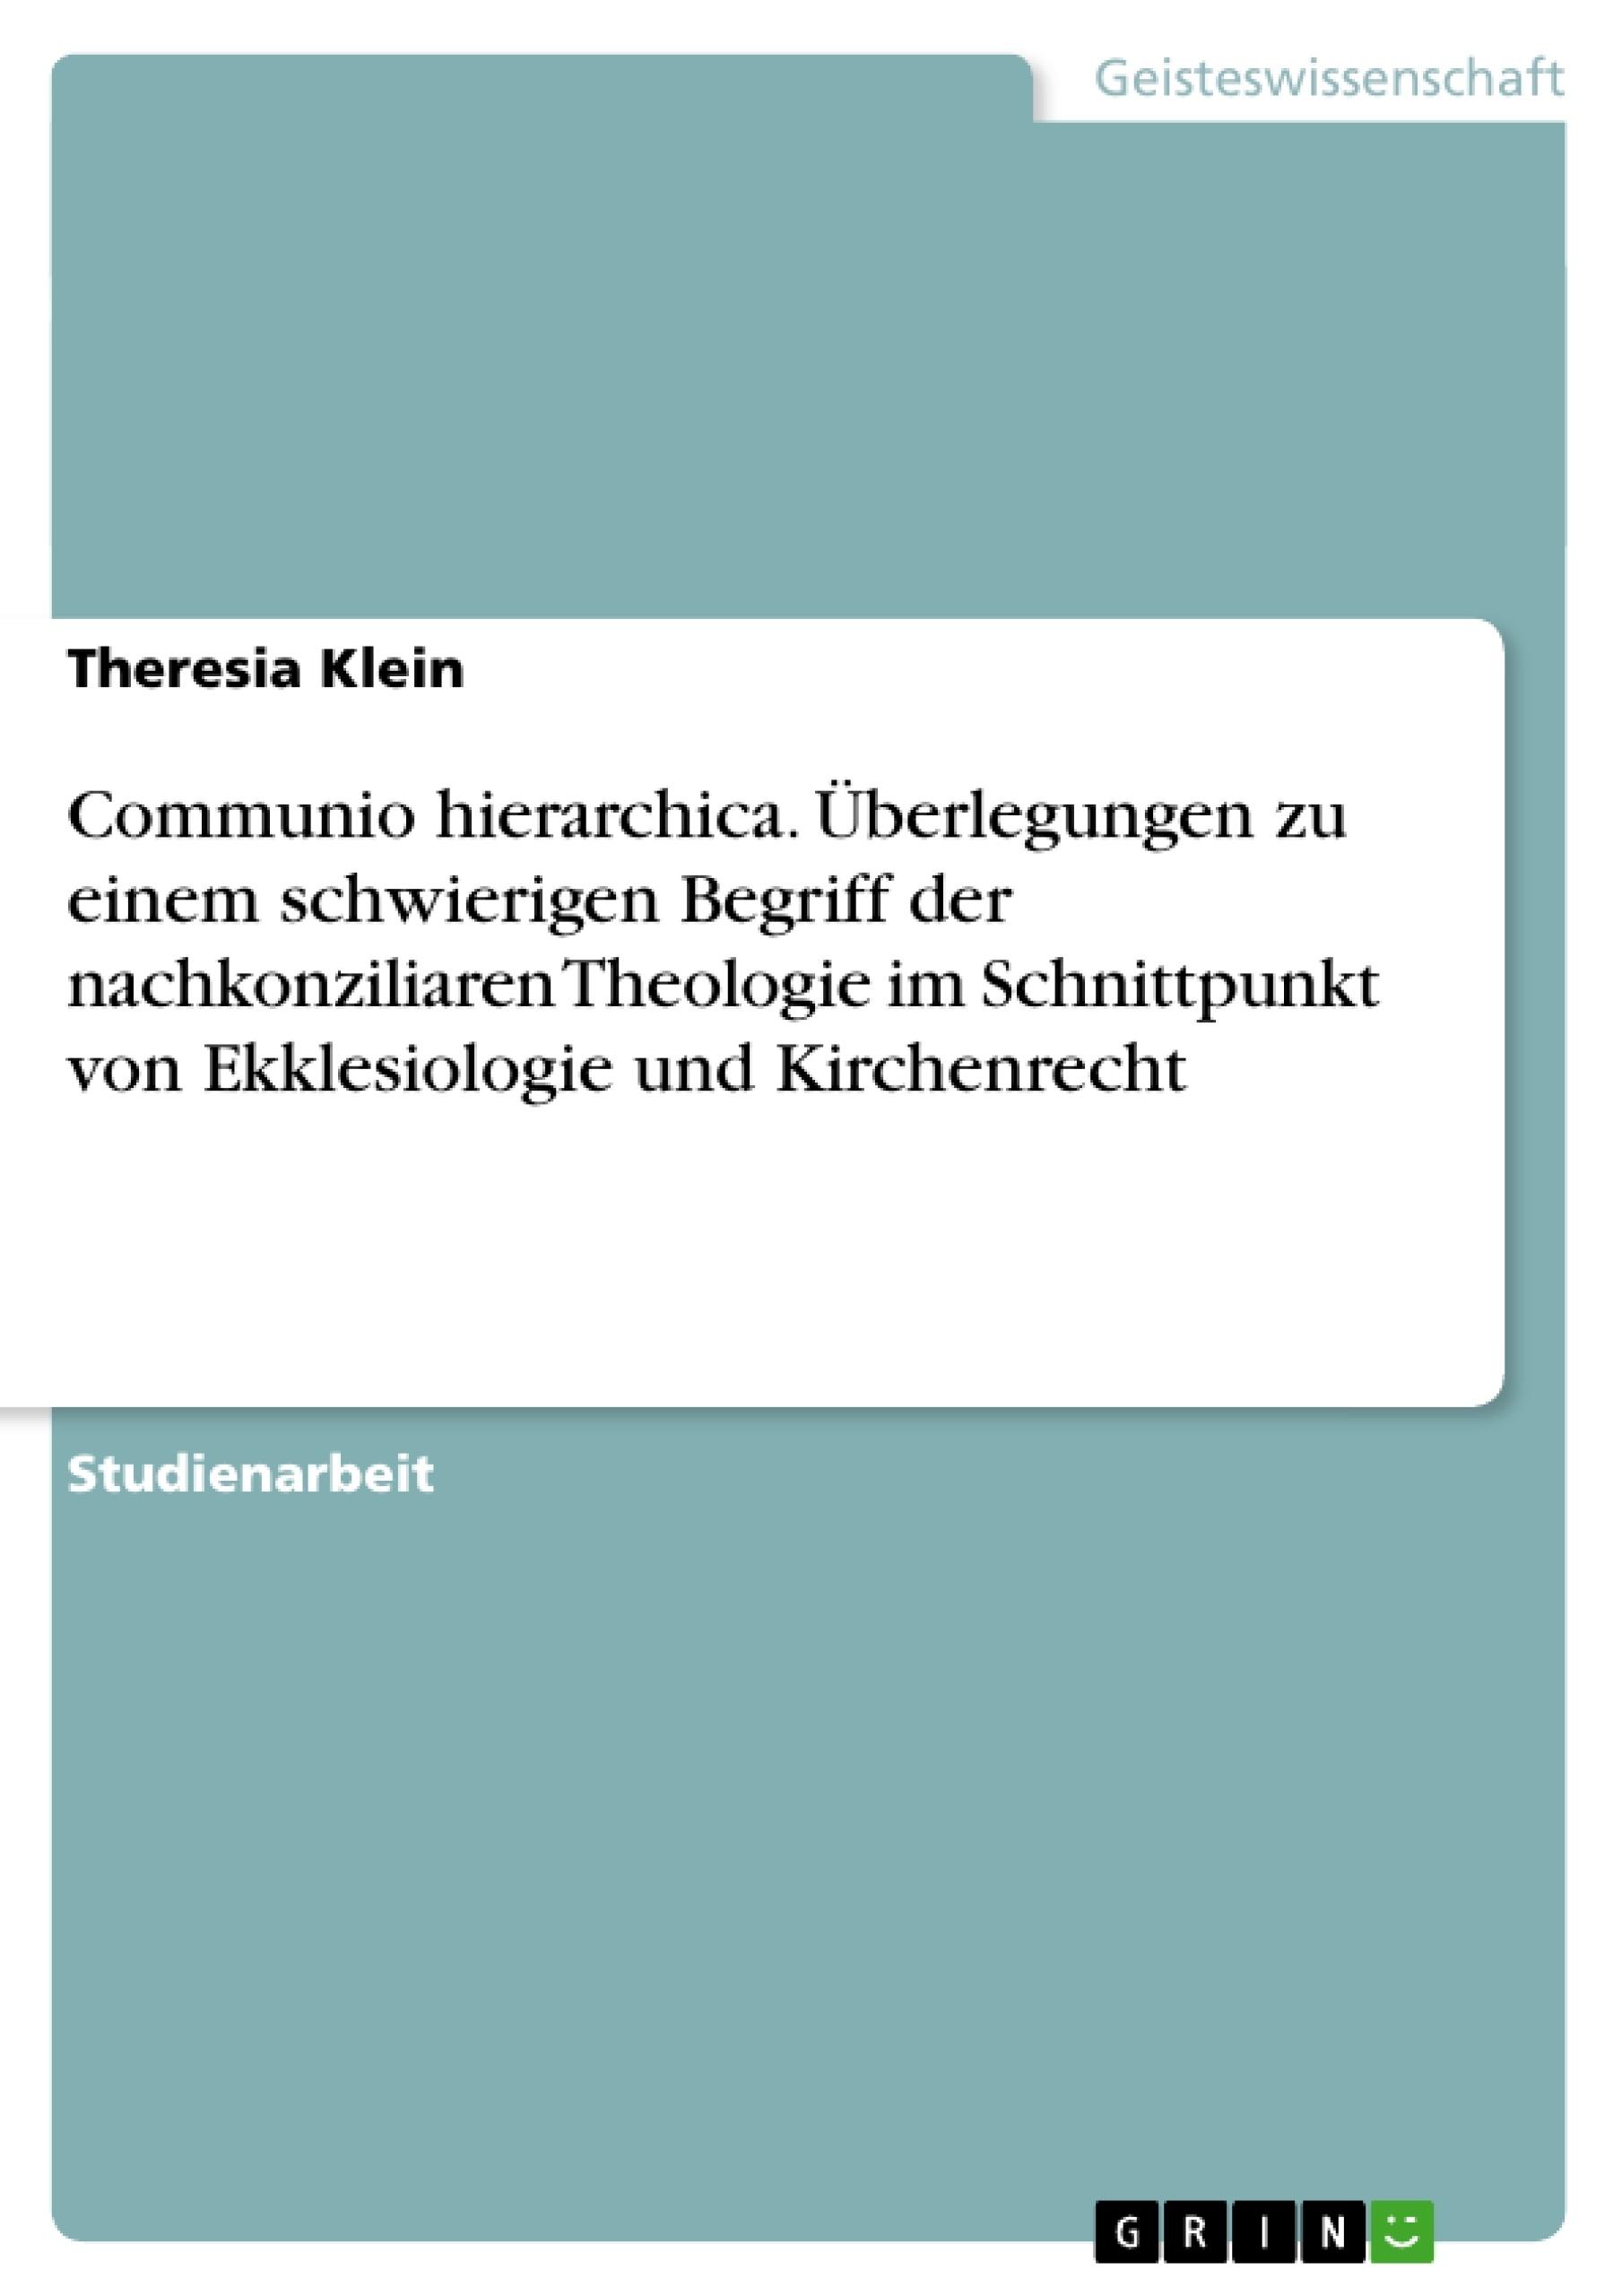 Titel: Communio hierarchica. Überlegungen zu einem schwierigen Begriff der nachkonziliaren Theologie im Schnittpunkt von Ekklesiologie und Kirchenrecht